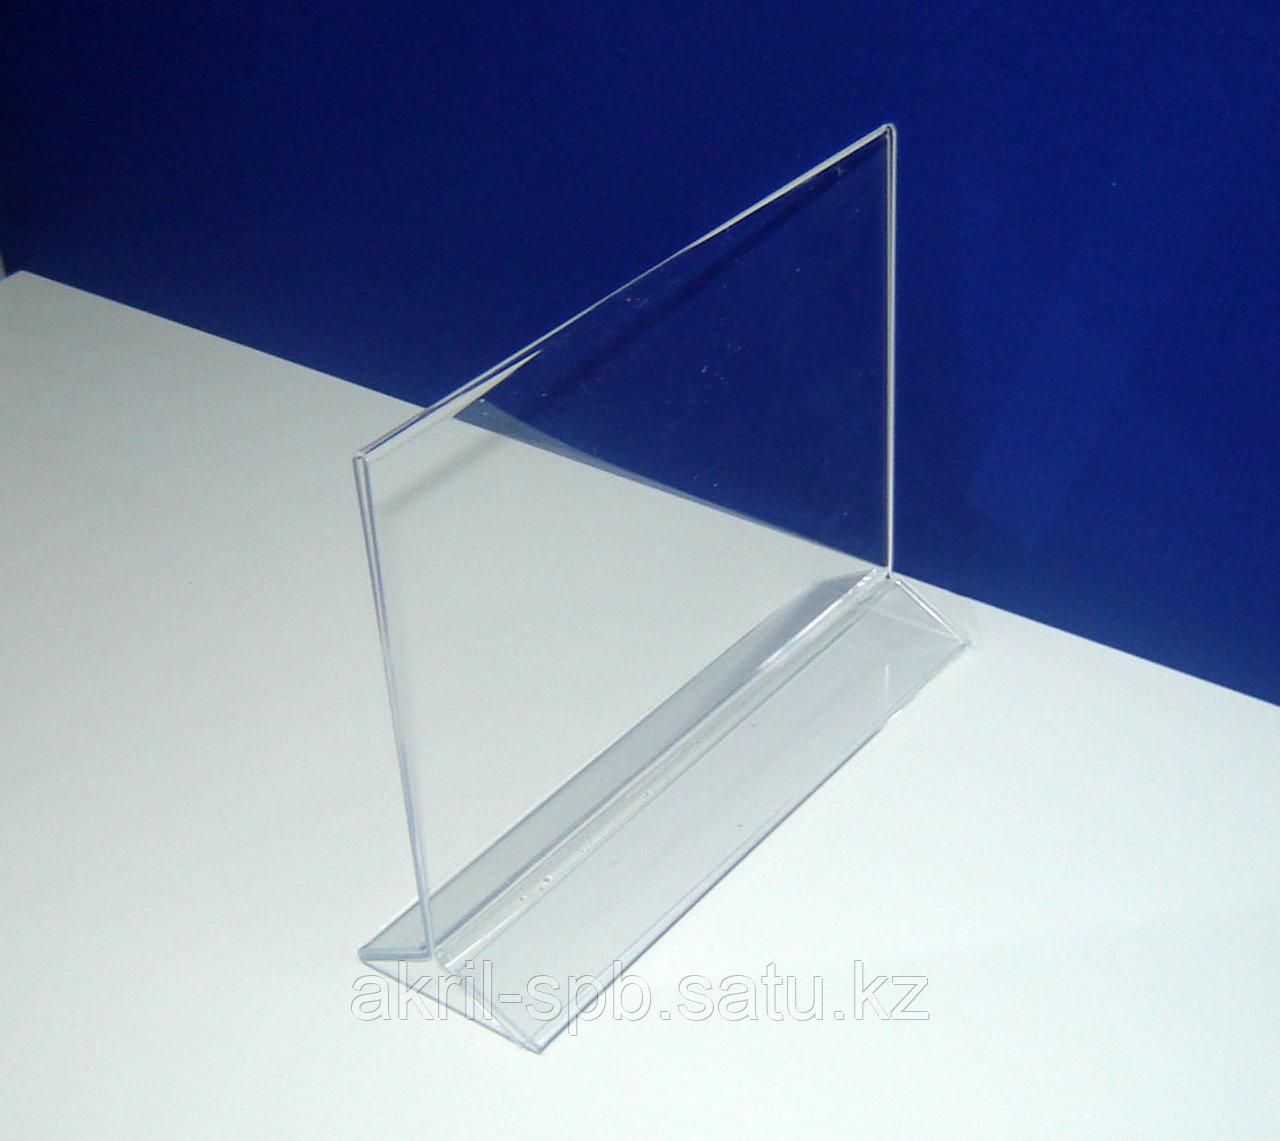 Менюхолдер (тейблтент) А5 горизонтальный